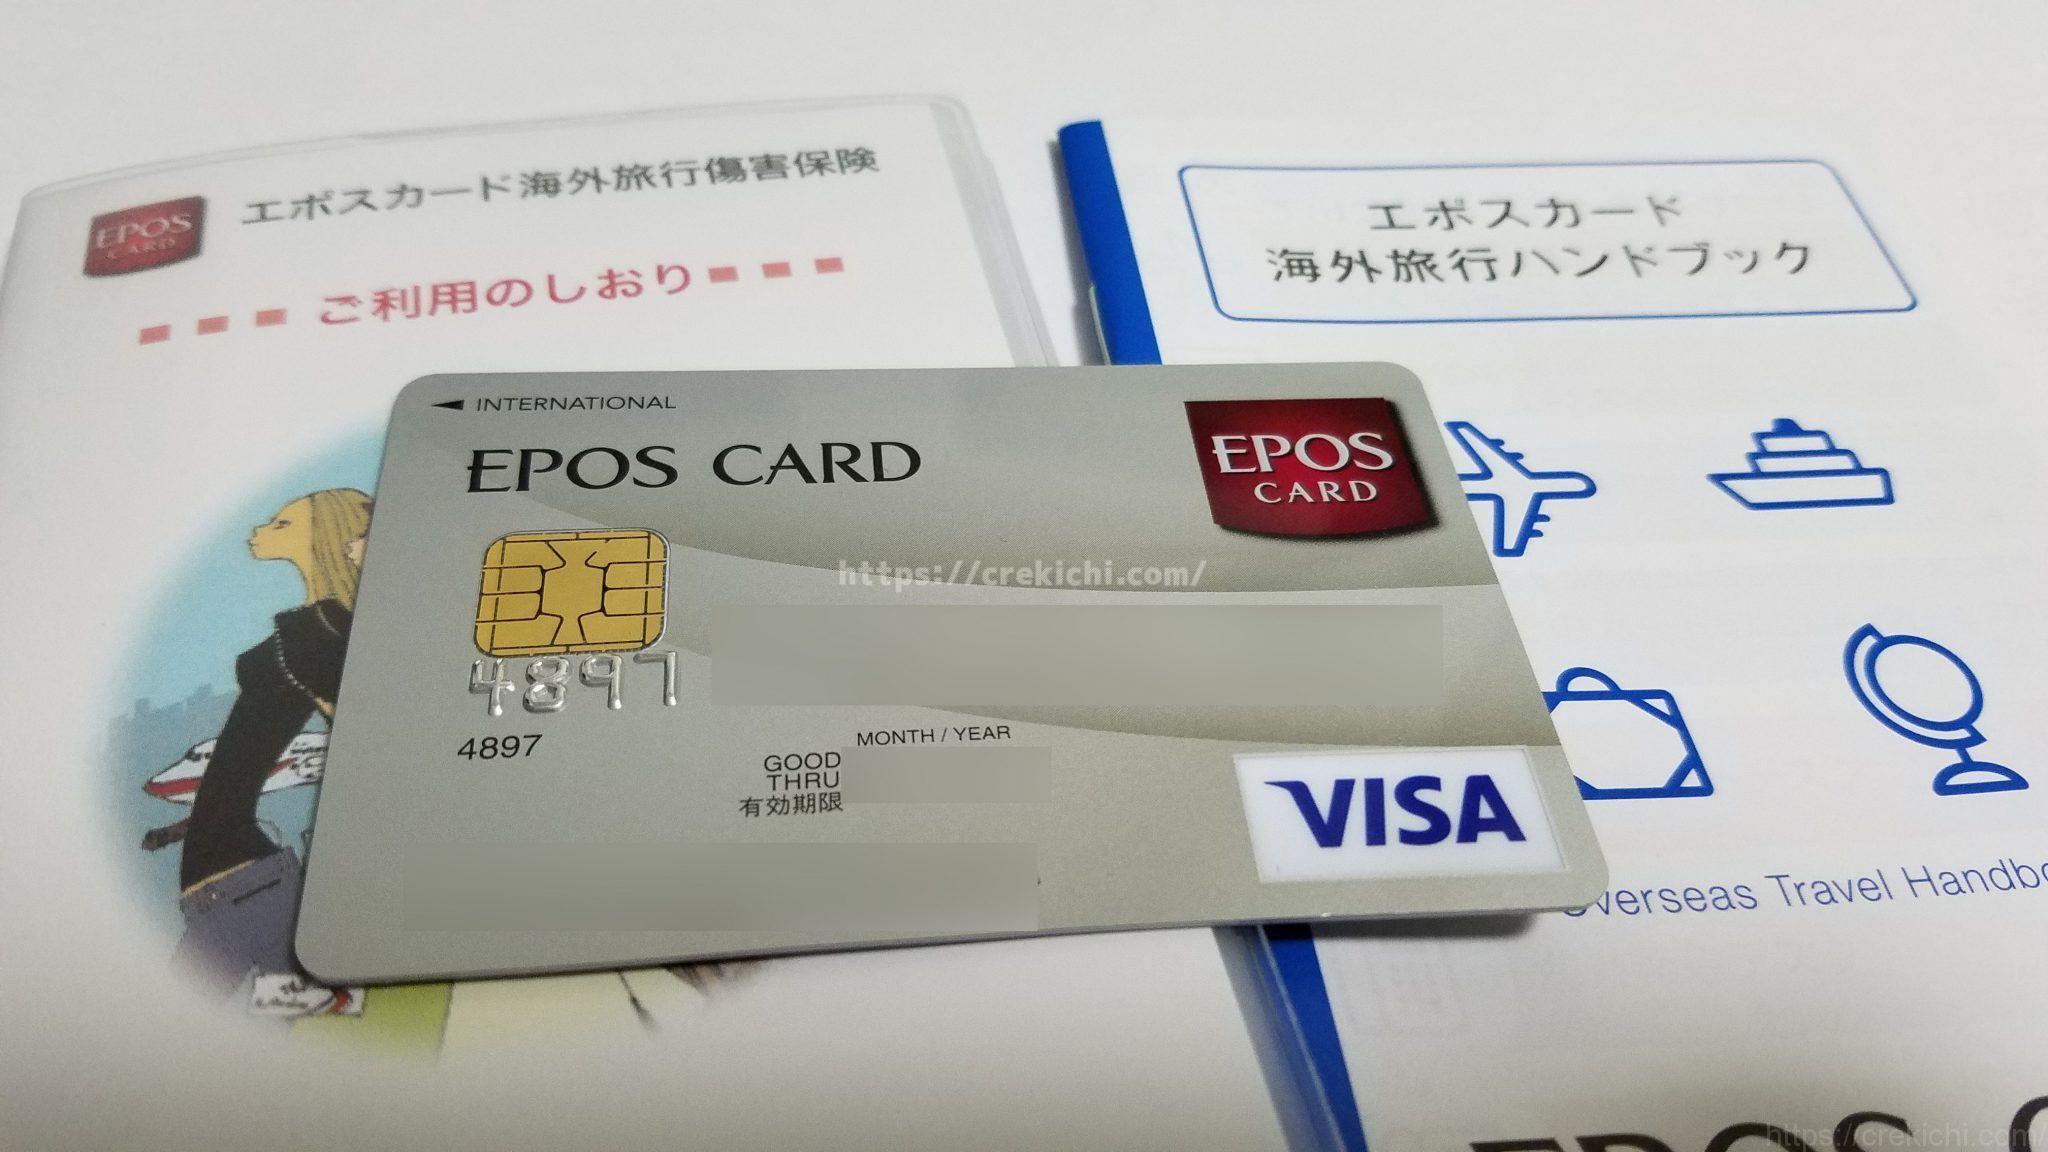 年会費無料で賠償責任補償がつくカード